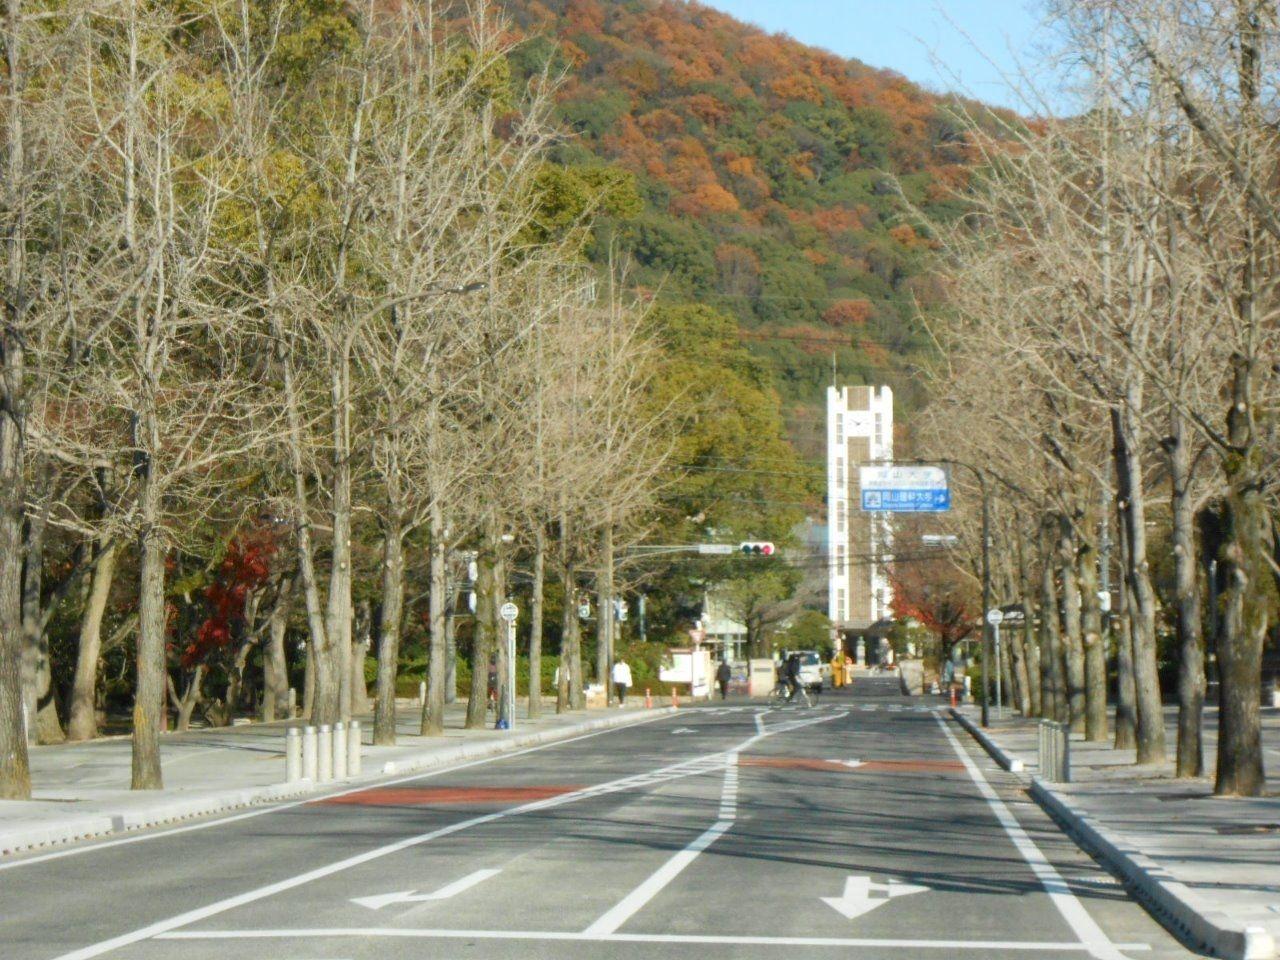 岡山大学 中央図書館が見える